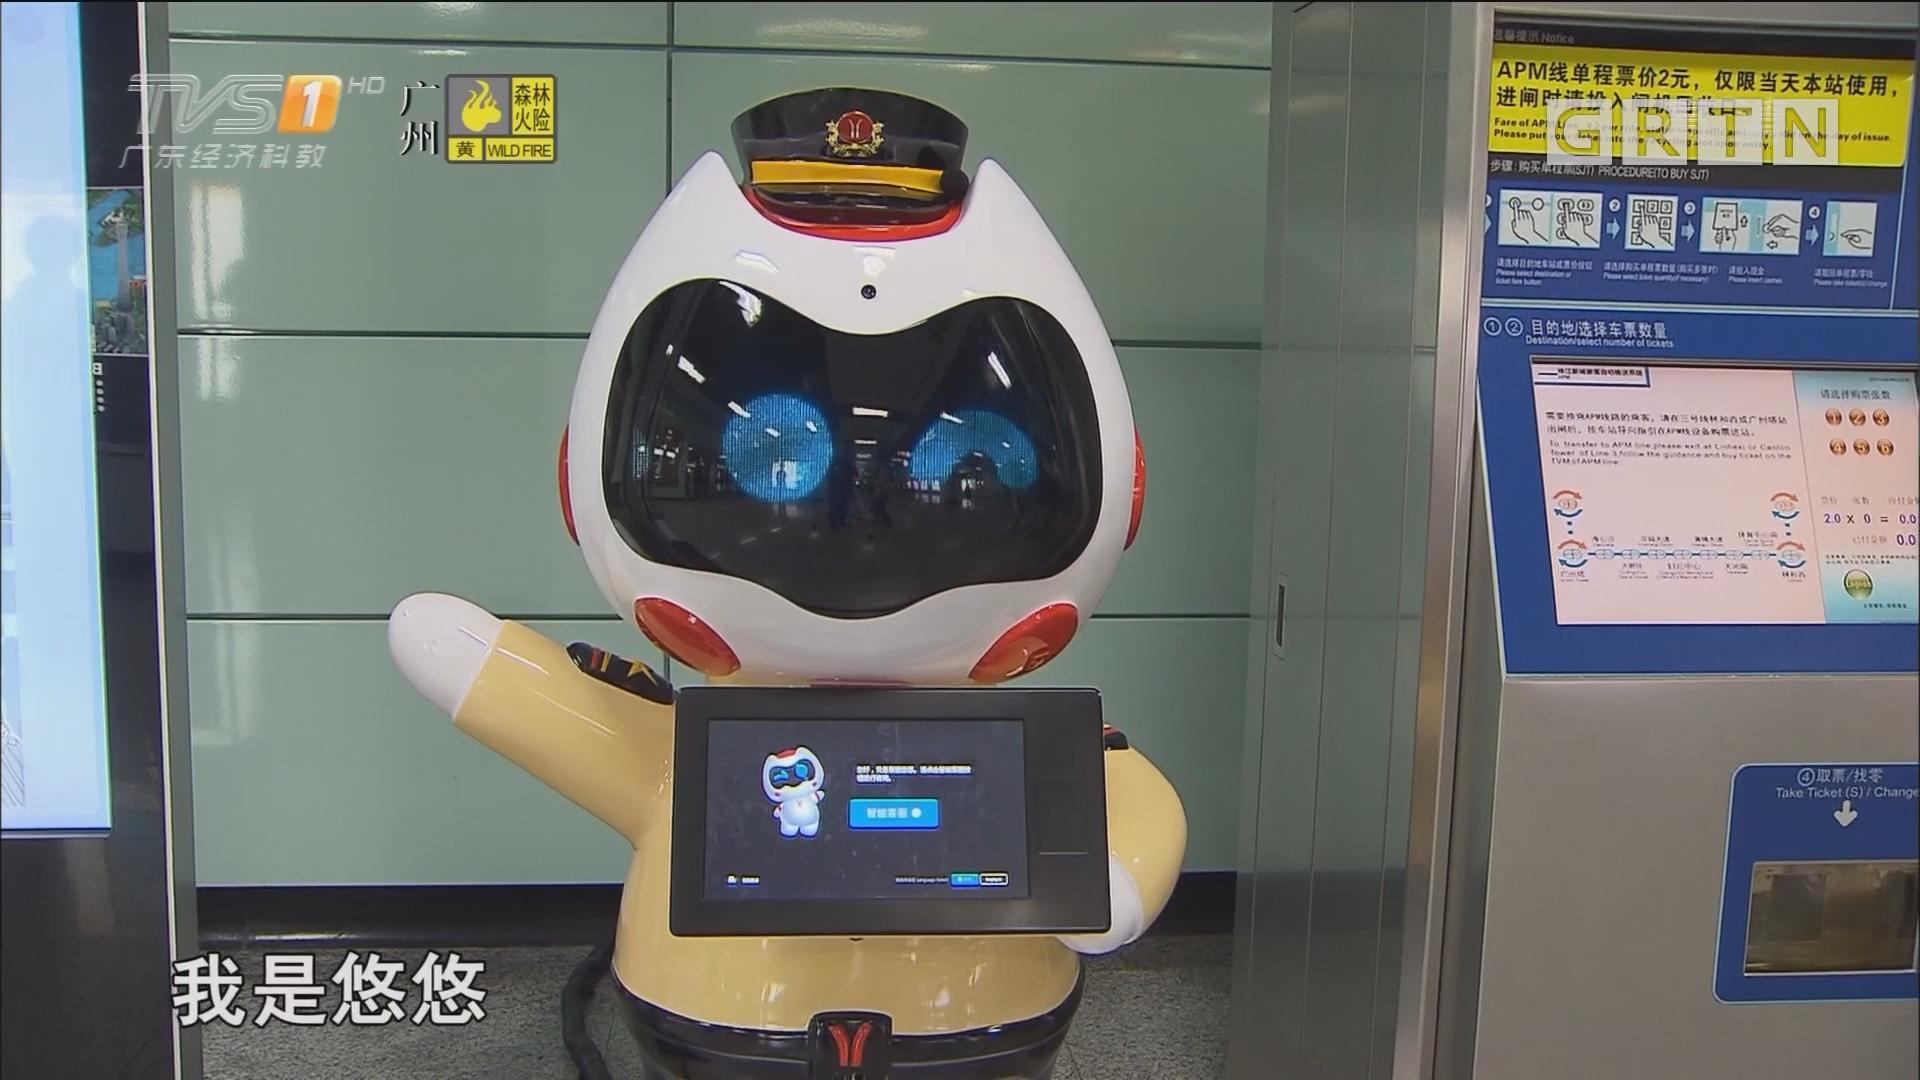 广州▪财富时间:《财富》论坛期间 智能机器人亮相地铁